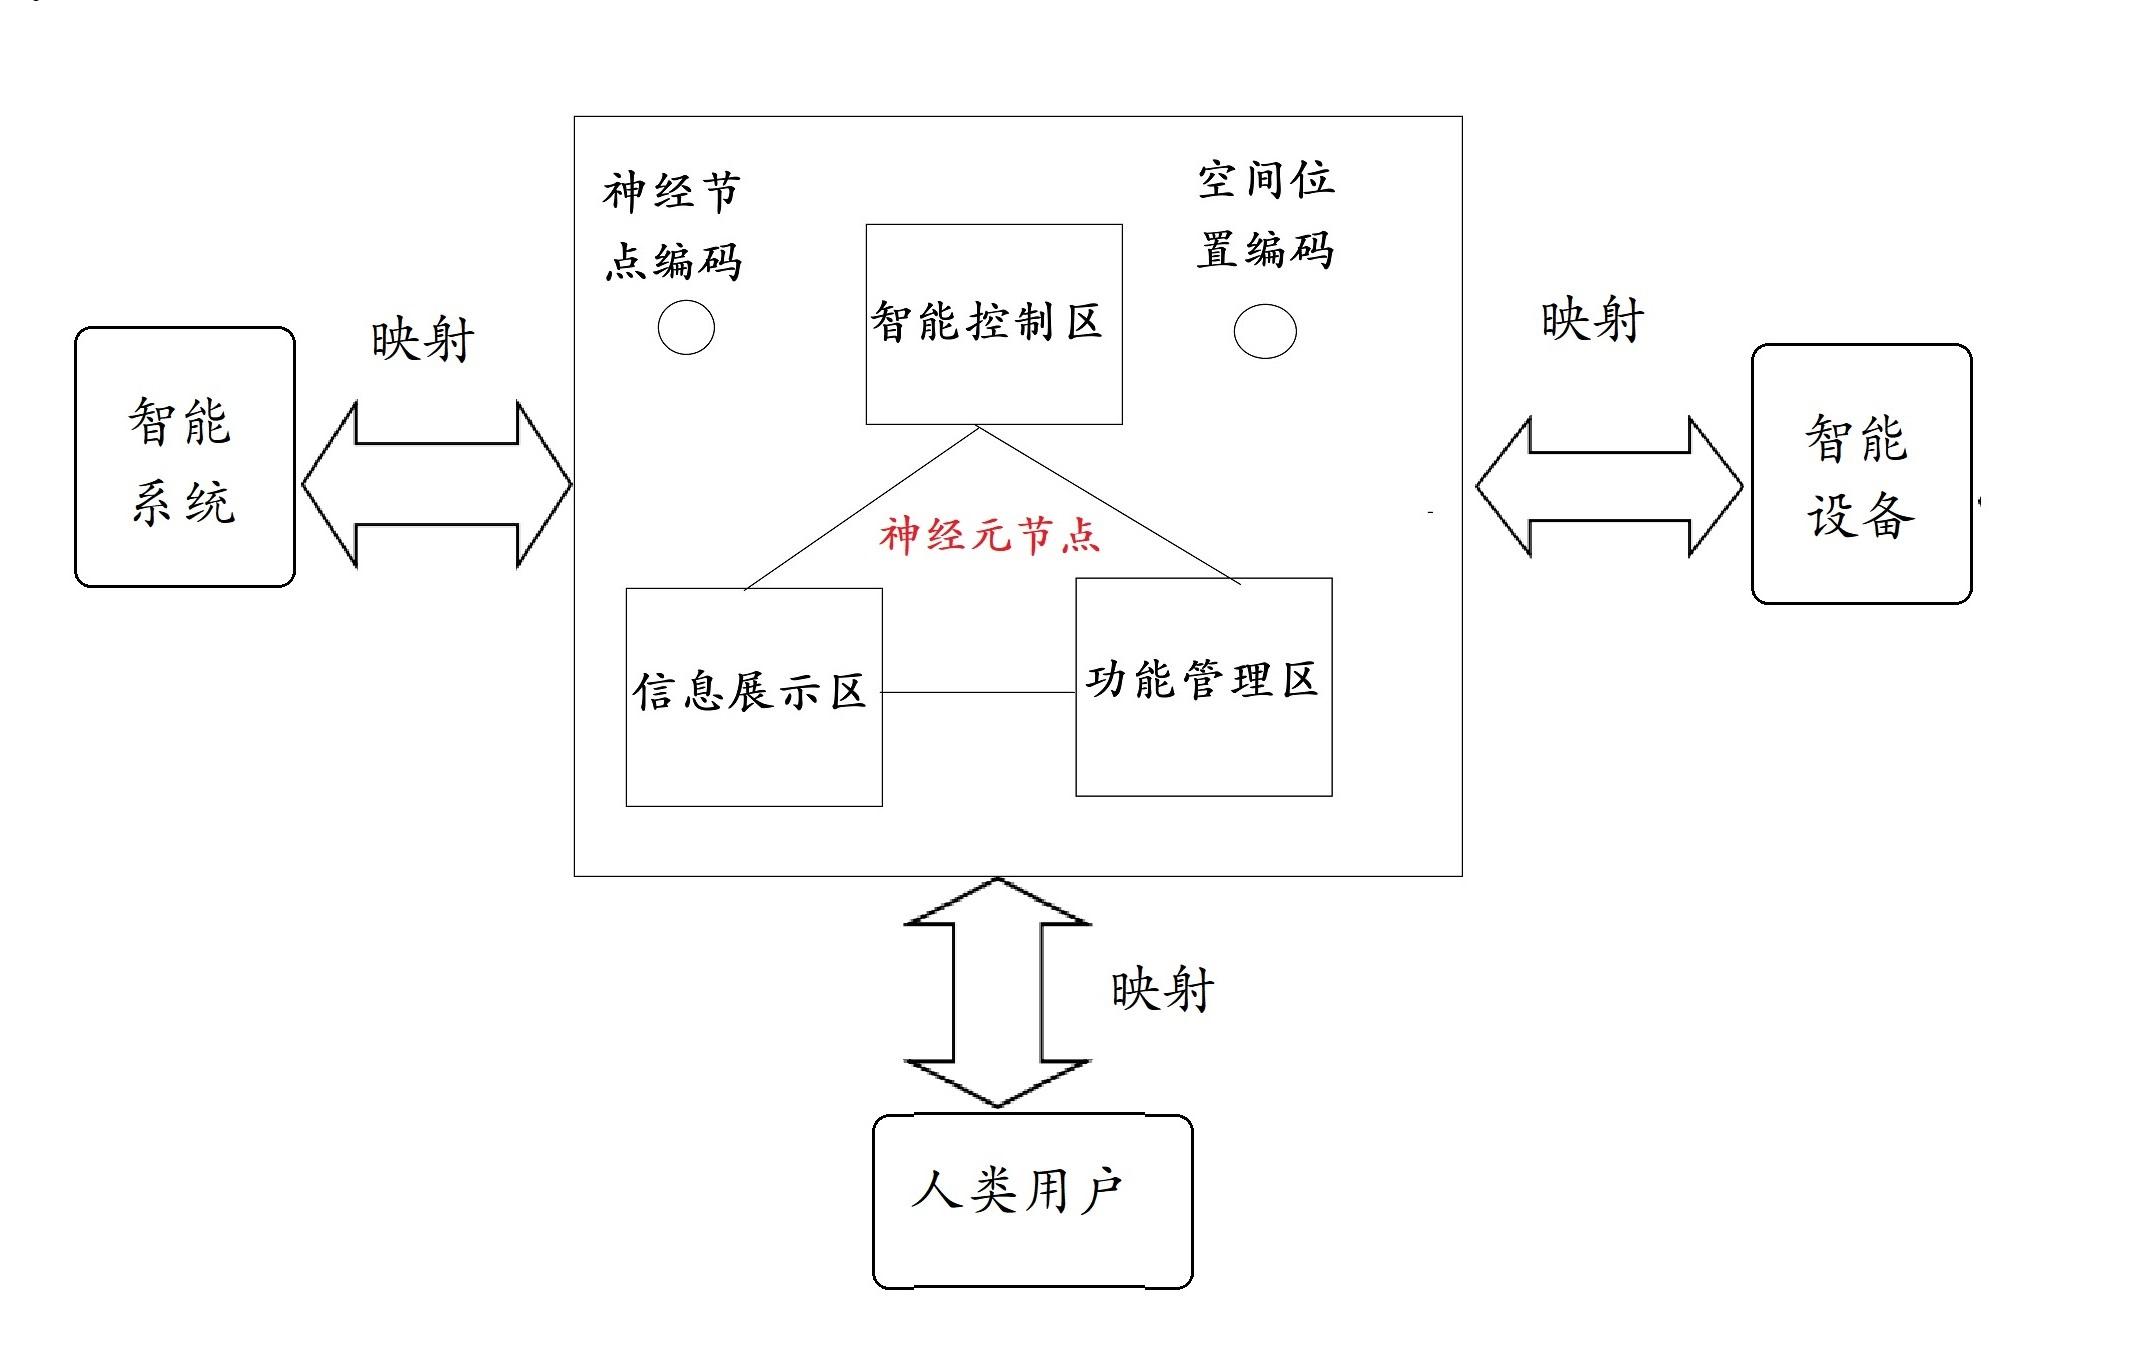 三原则-1.jpg